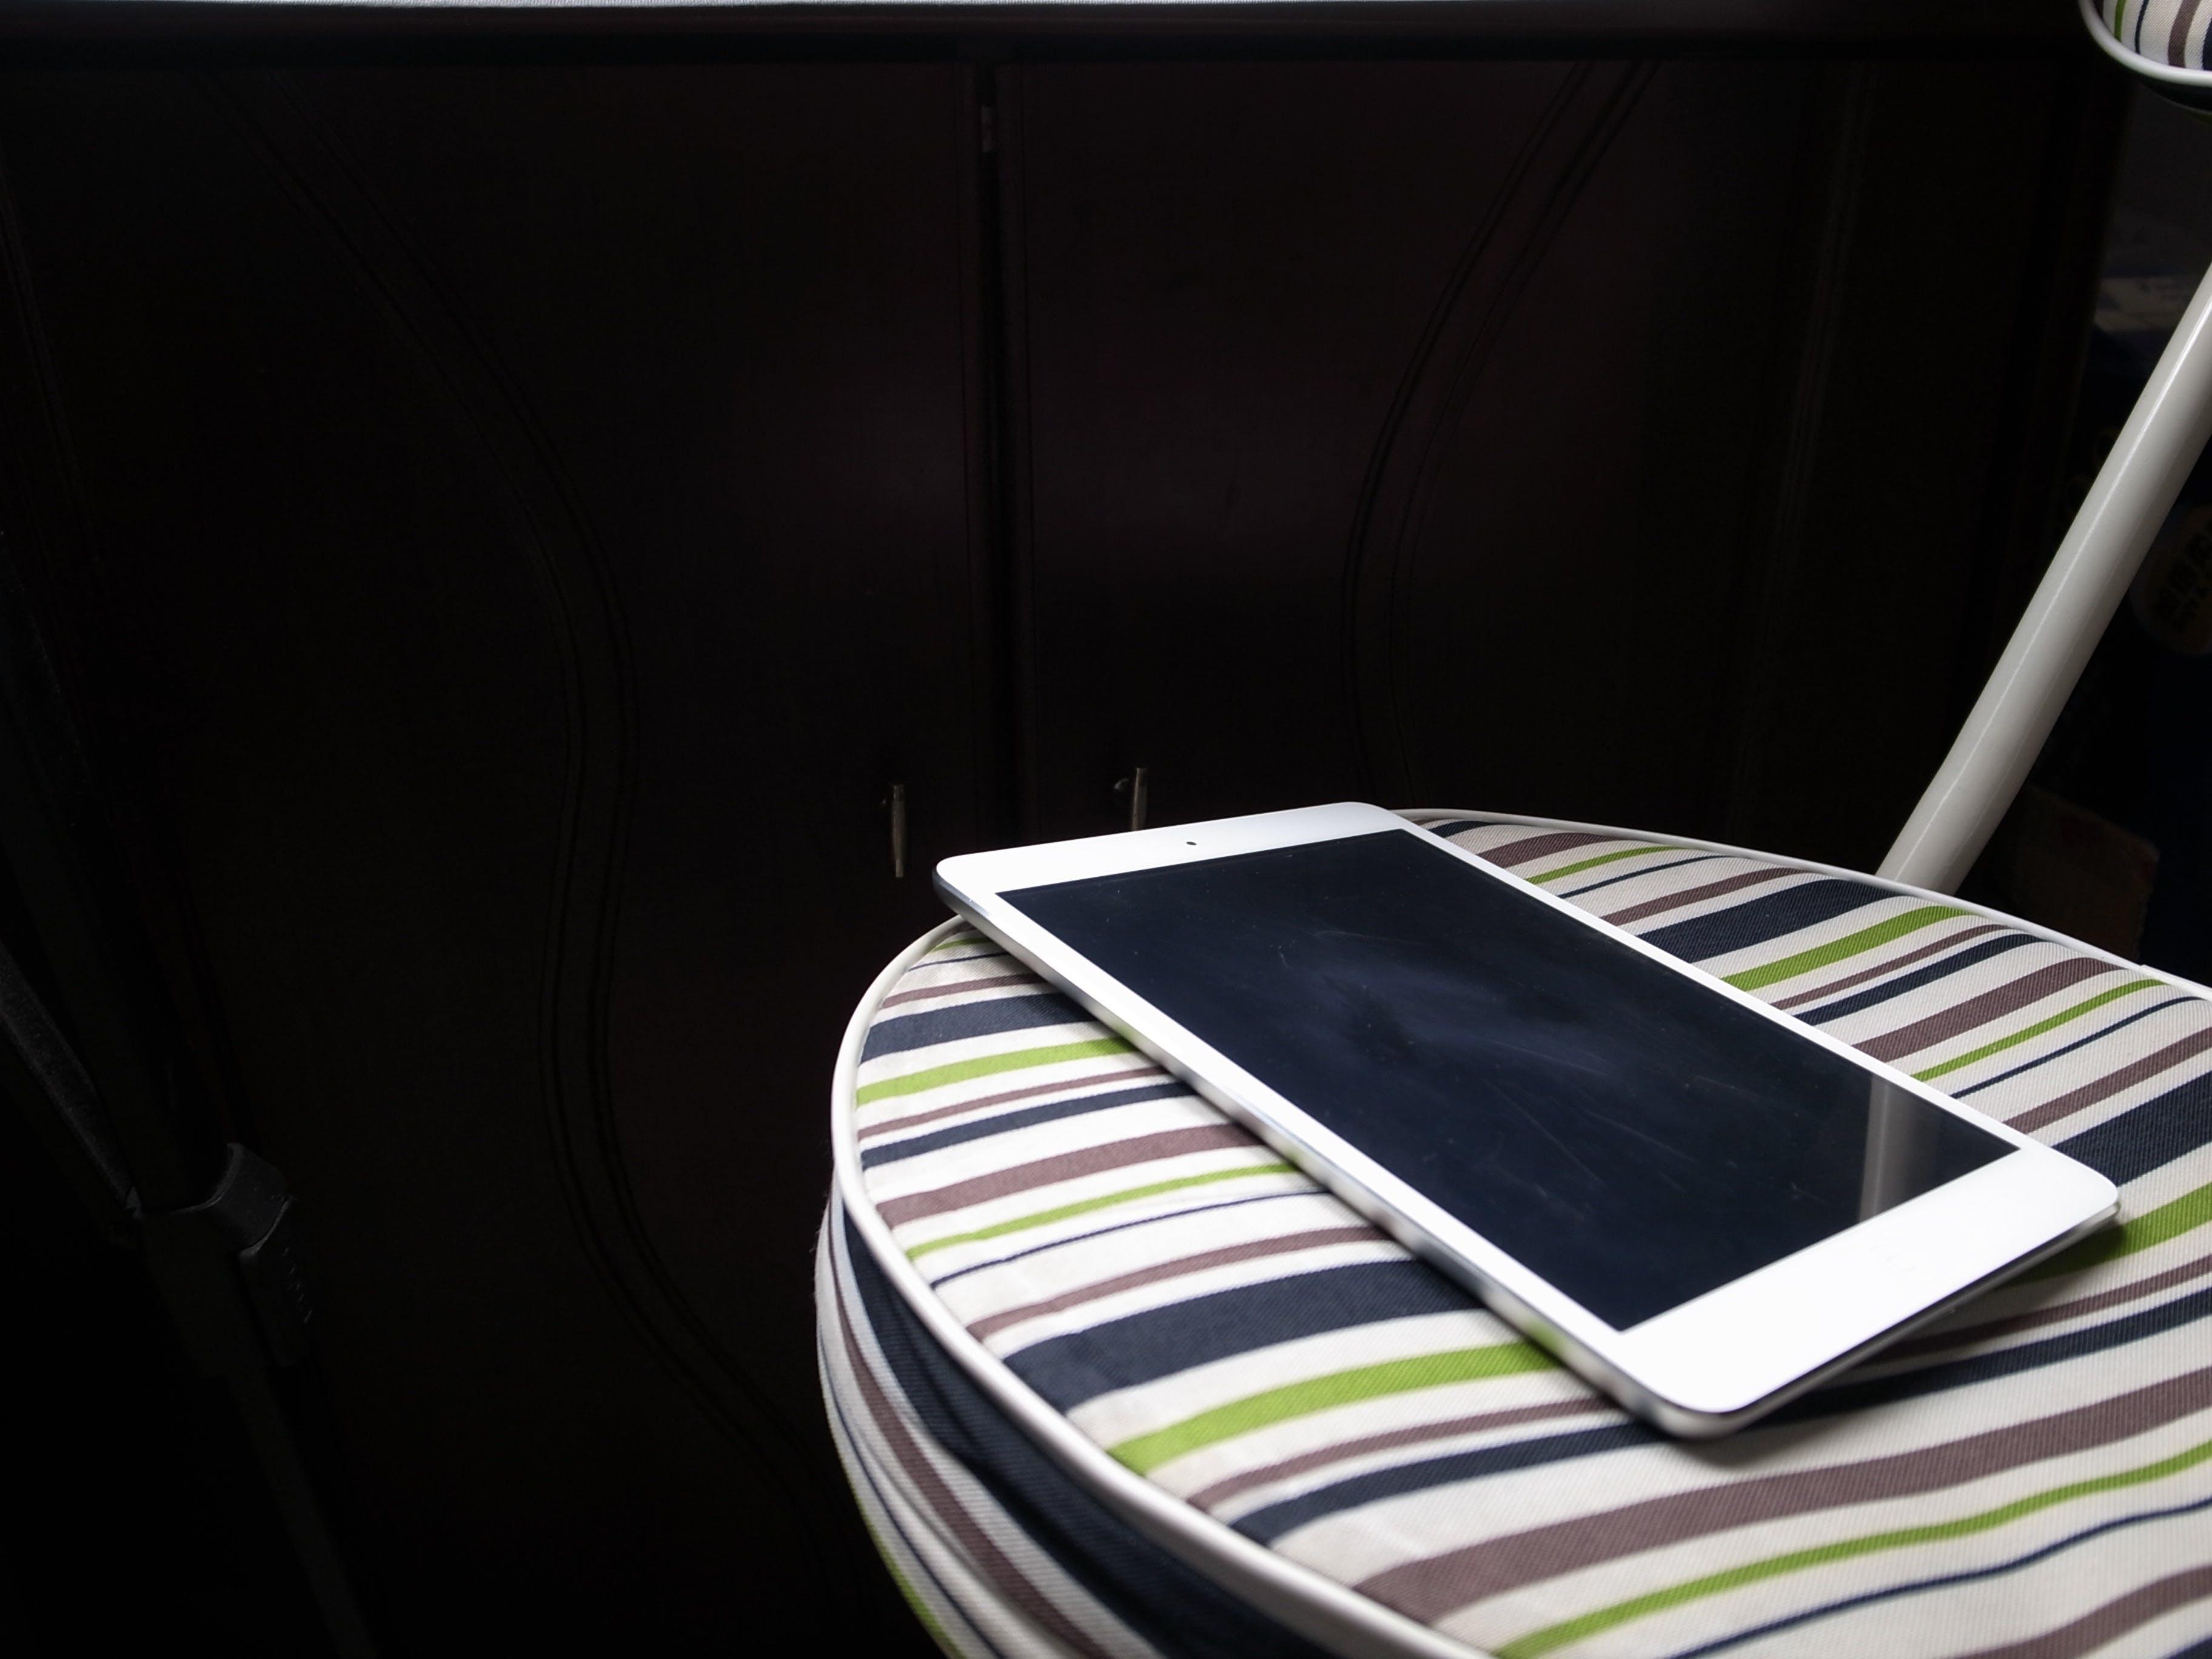 açık, apple, aygıt, bulanıklık içeren Ücretsiz stok fotoğraf